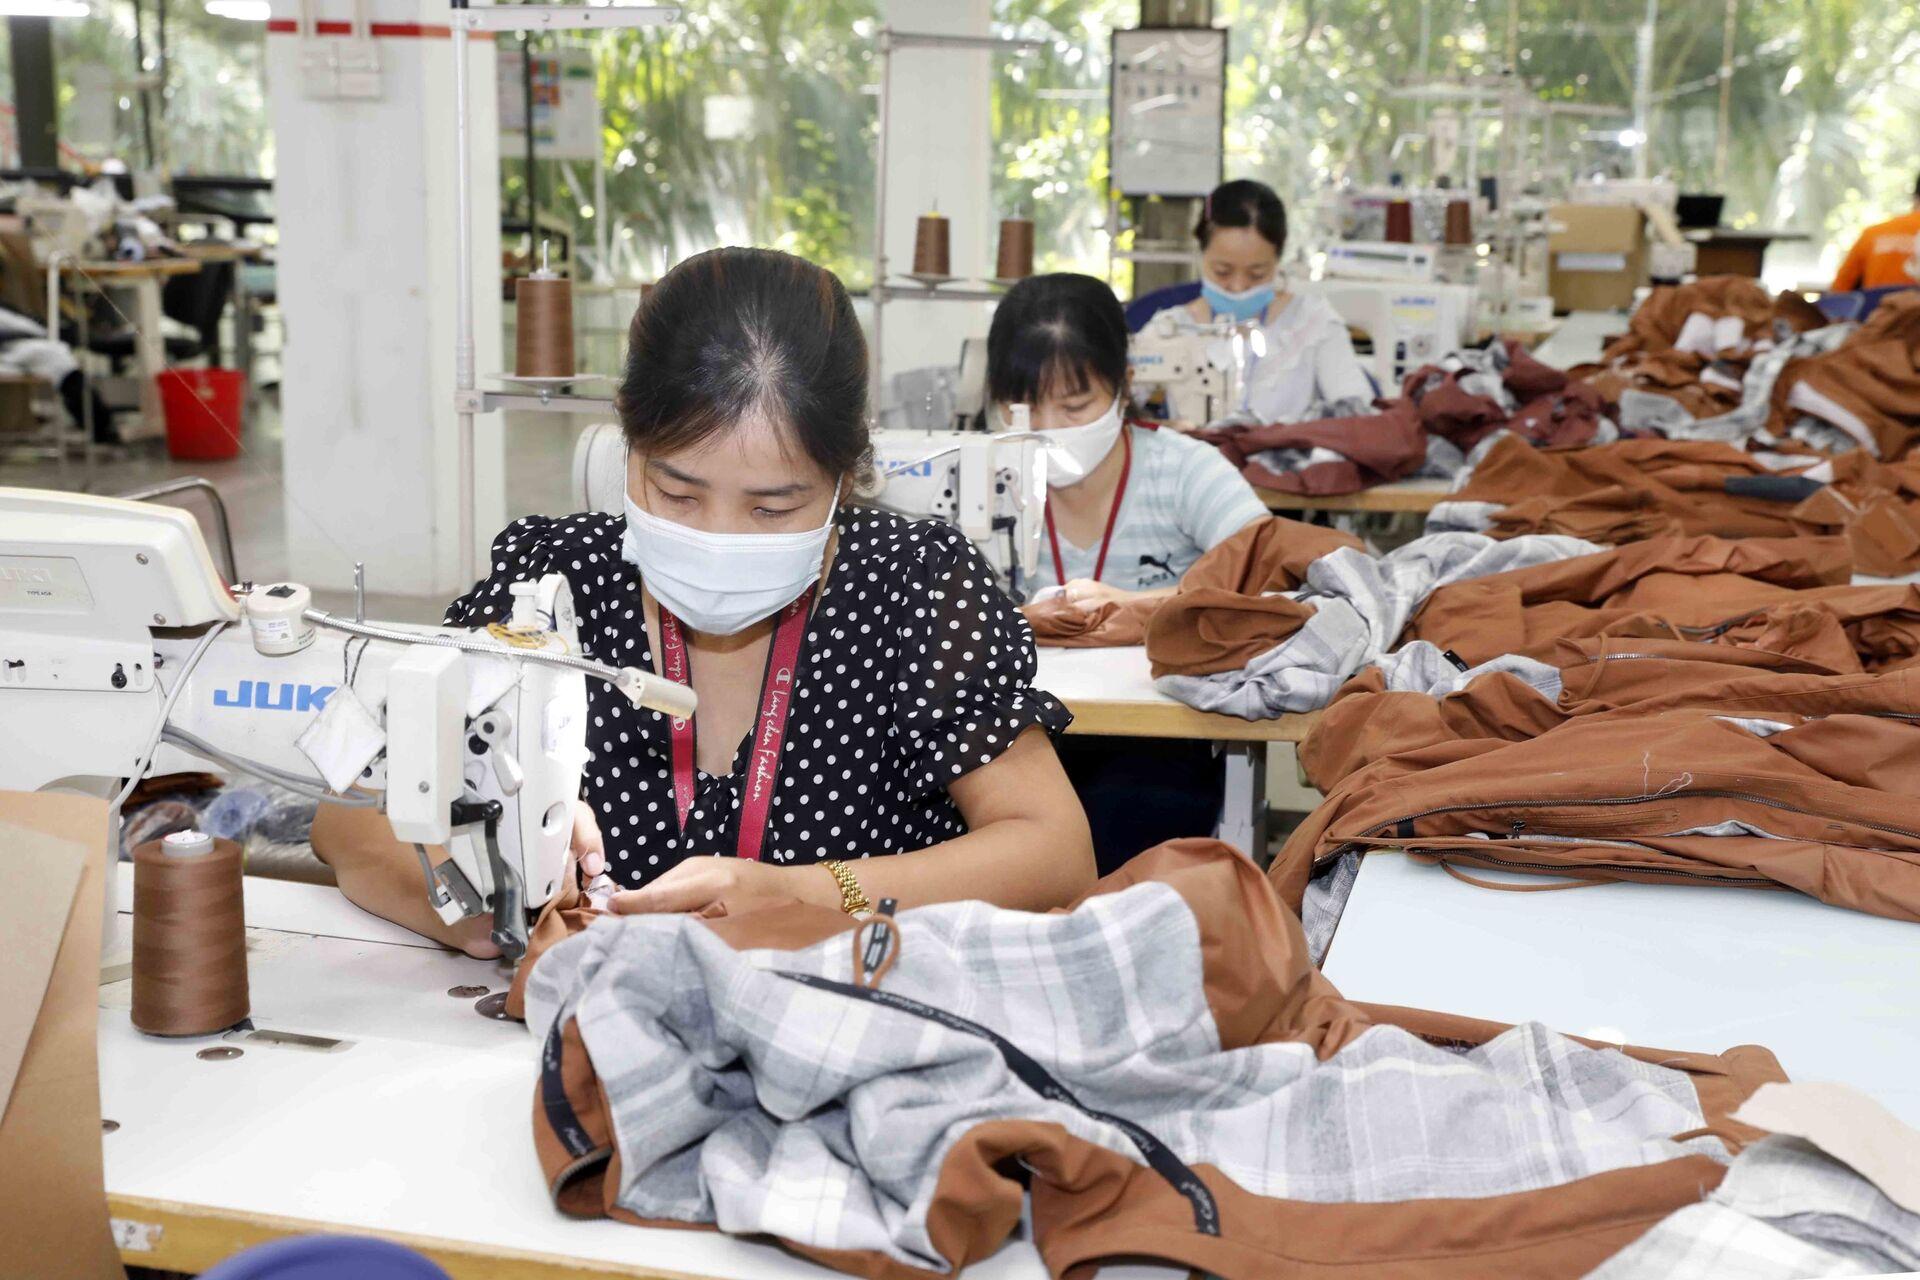 May hàng mẫu cho các hãng thời trang nước ngoài (như Nike, Lululemon, Mountain Hardwer…) tại Công ty Maxport Hạ Đình, Thanh Xuân, Hà Nội - Sputnik Việt Nam, 1920, 05.10.2021